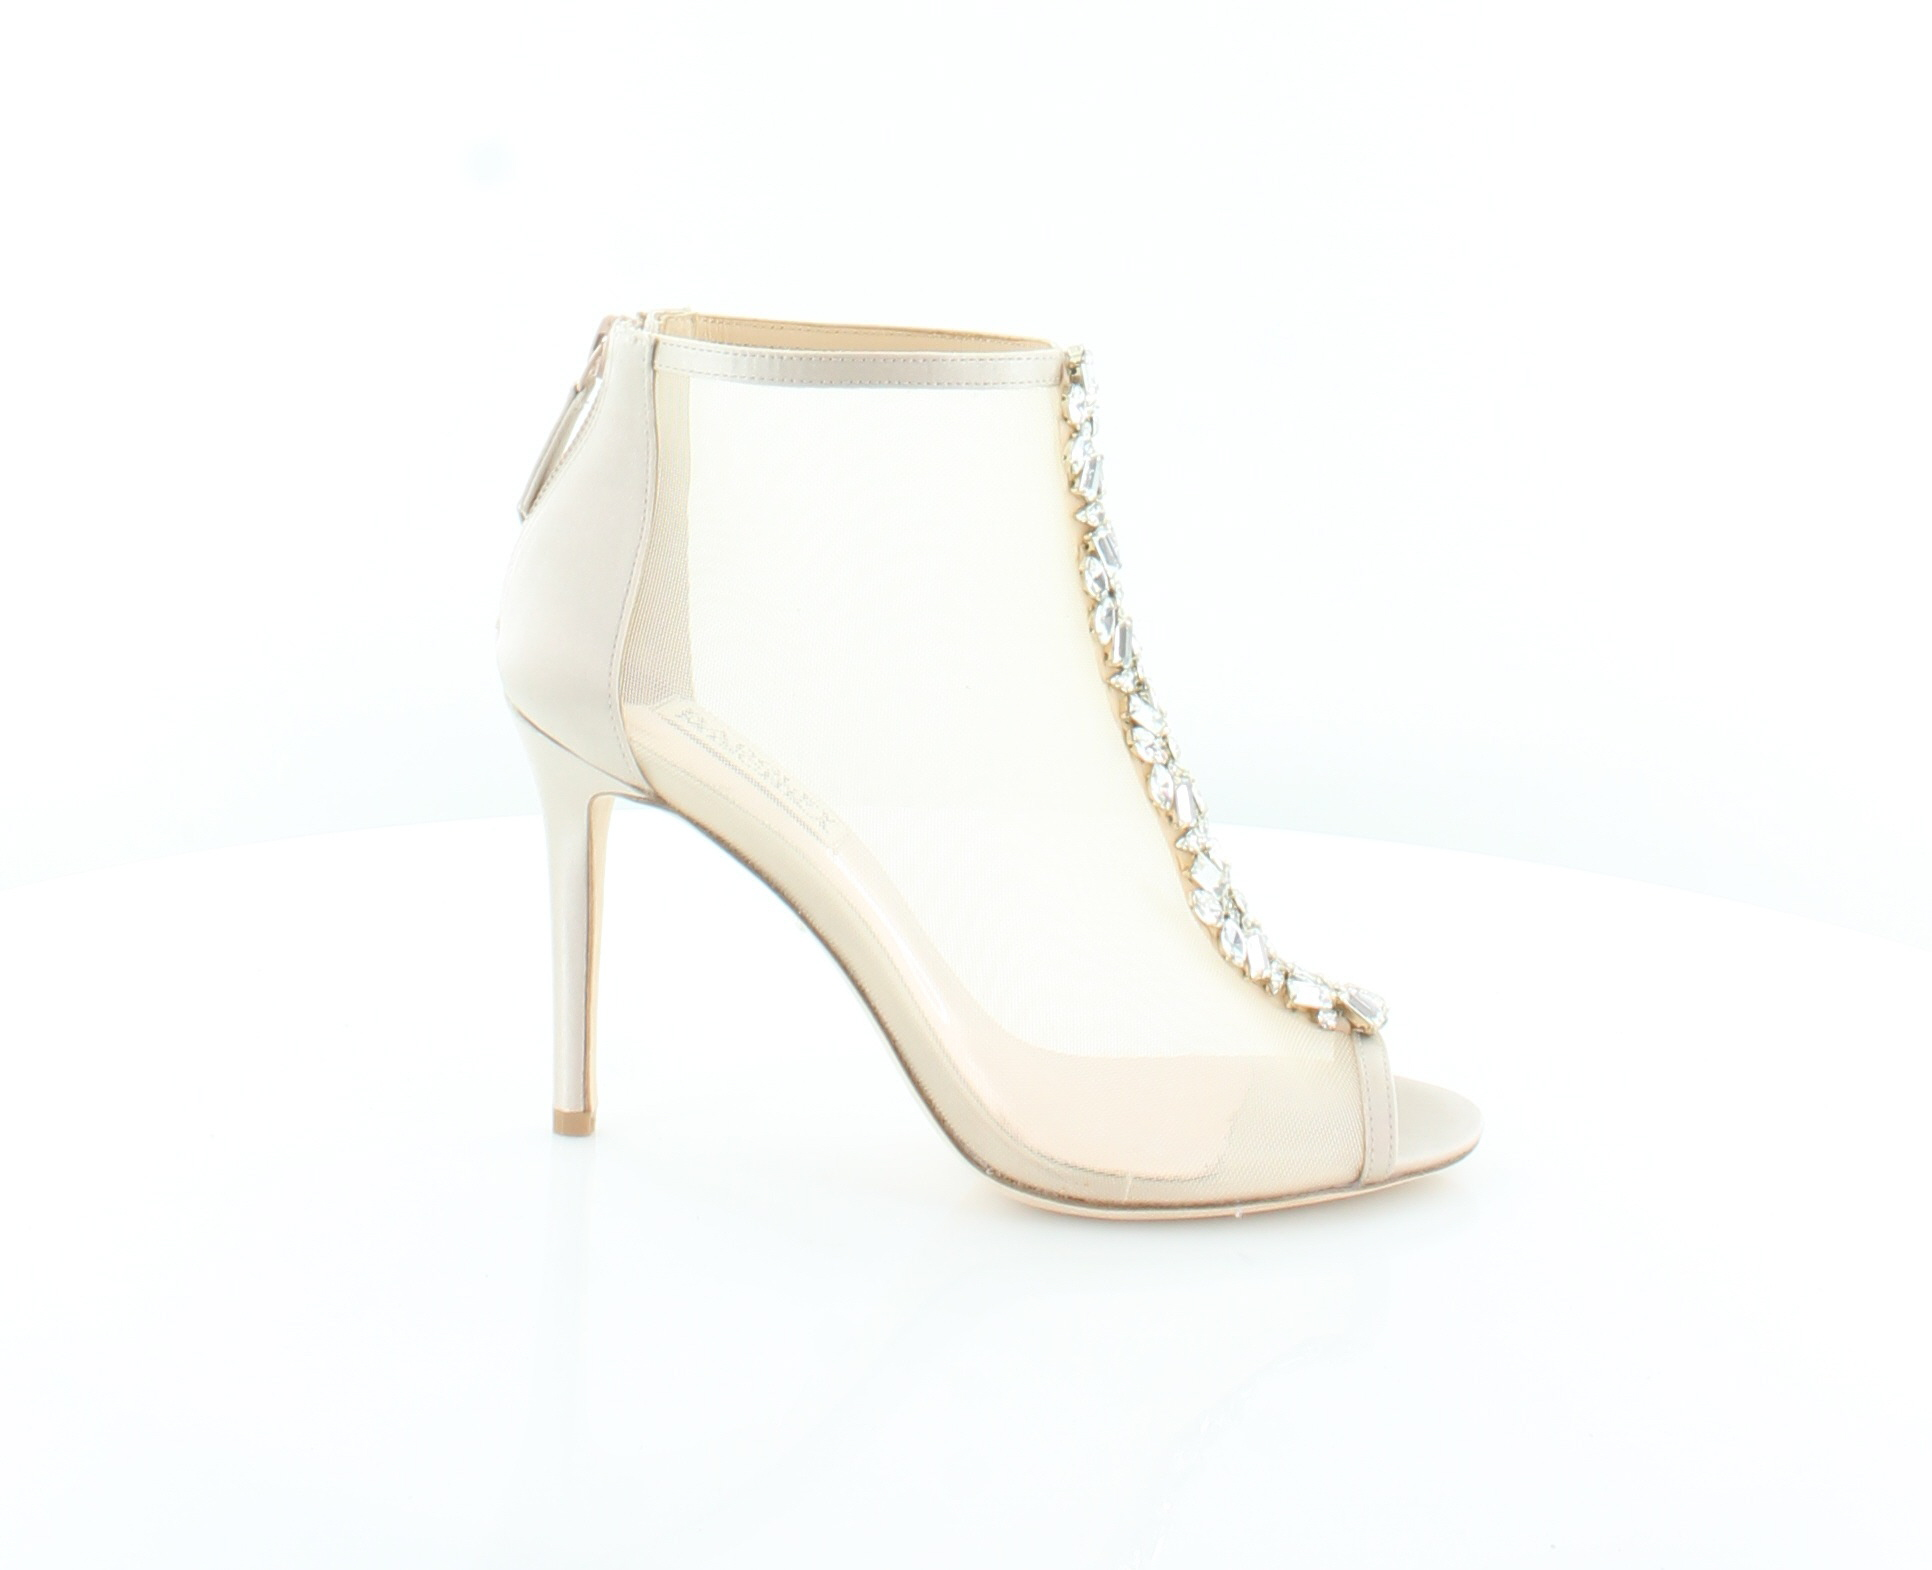 conveniente Badgley Mischka New Moss Beige donna scarpe scarpe scarpe Dimensione 6.5 M Heels MSRP  225  consegna diretta e rapida in fabbrica